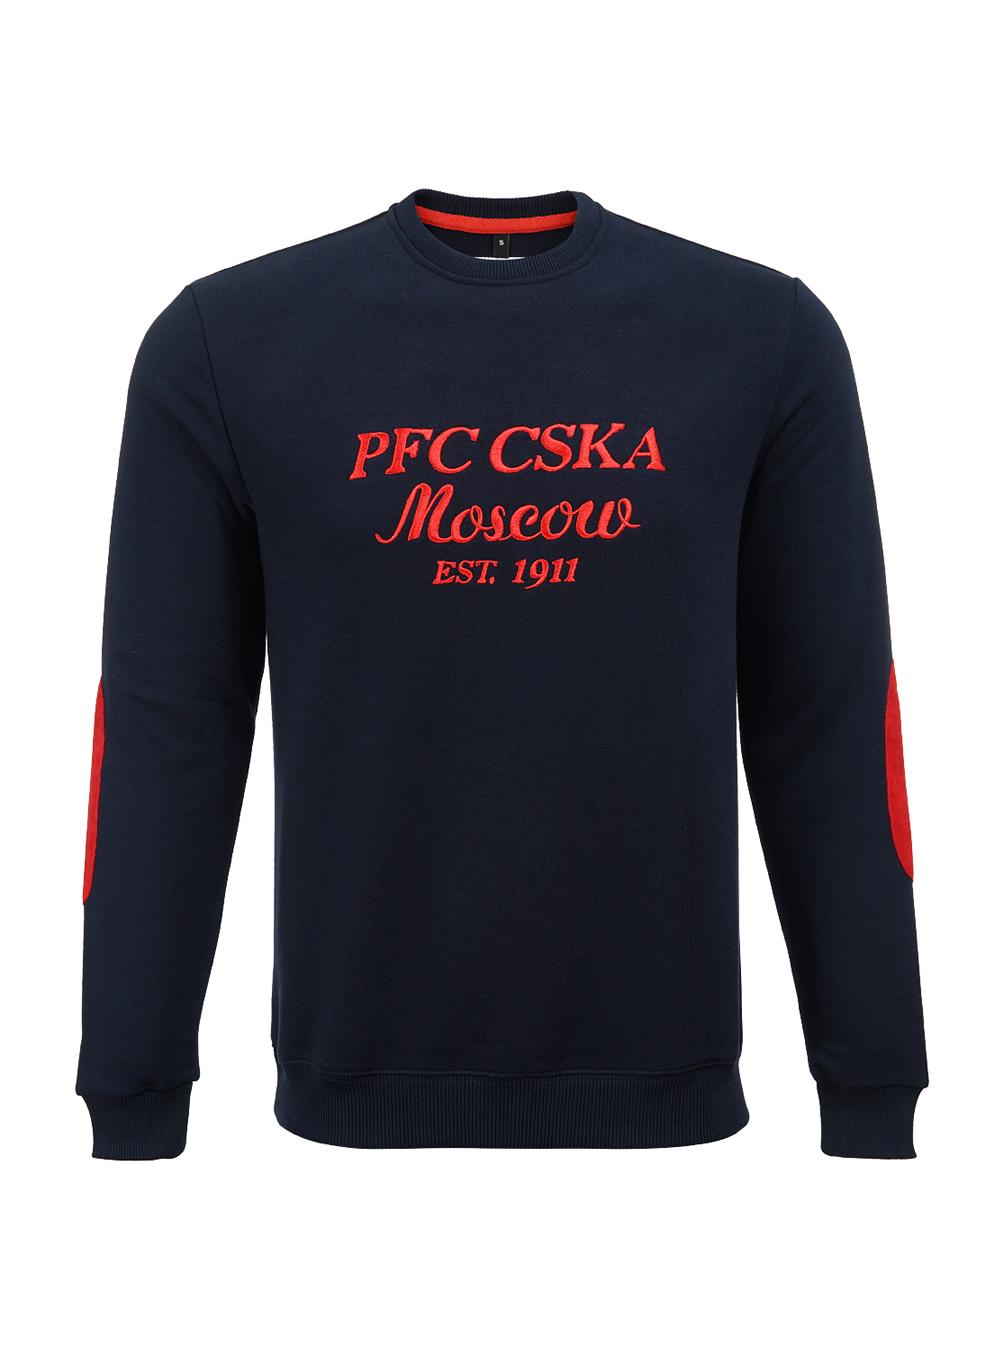 Свитшот с локтевыми заплатками PFC CSKA (L)Толстовки мужские<br>Свитшот с локтевыми заплатками PFC CSKA<br>